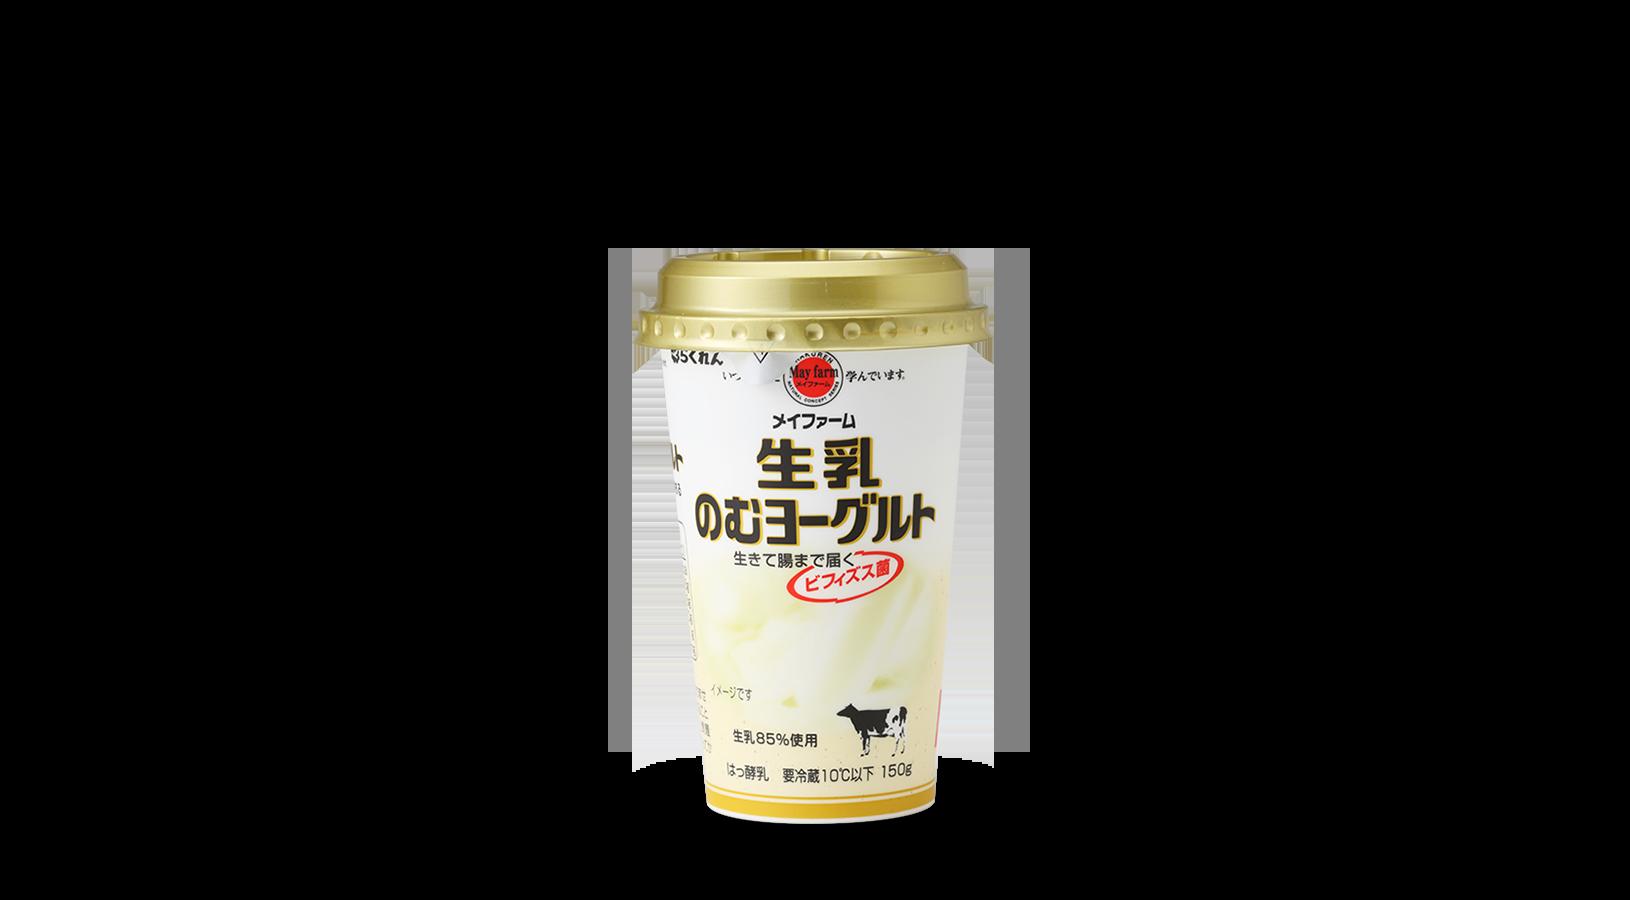 商品イメージ:メイファーム生乳のむヨーグルト 150g